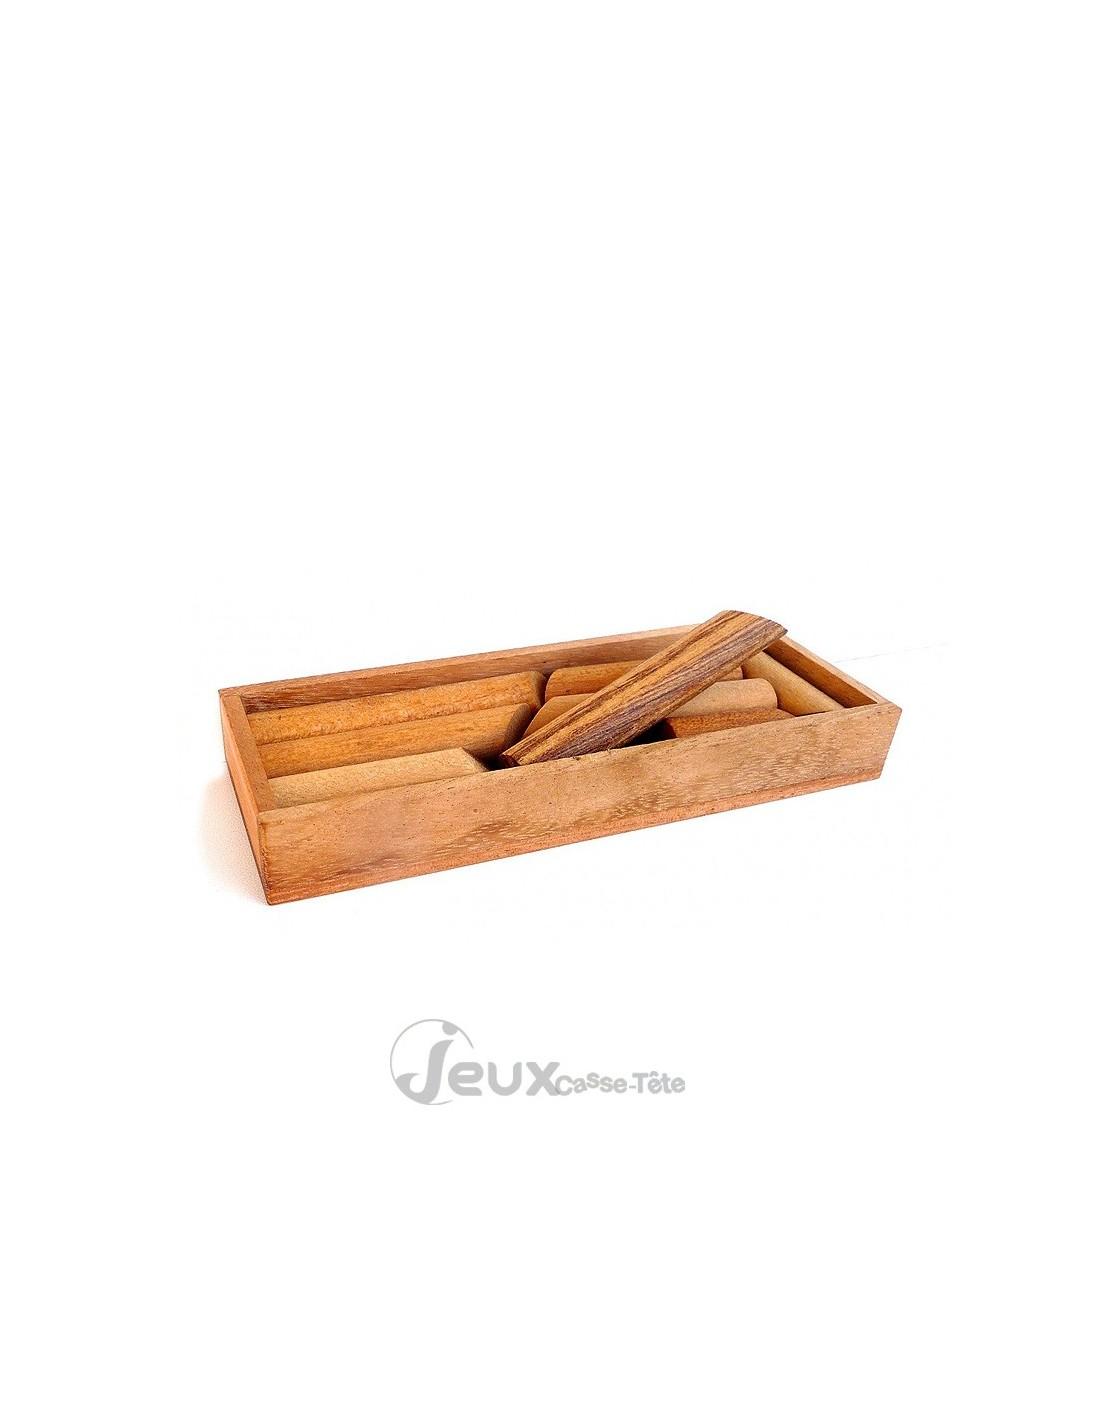 casse tete en bois boite a batons 8 pieces dans un coffret